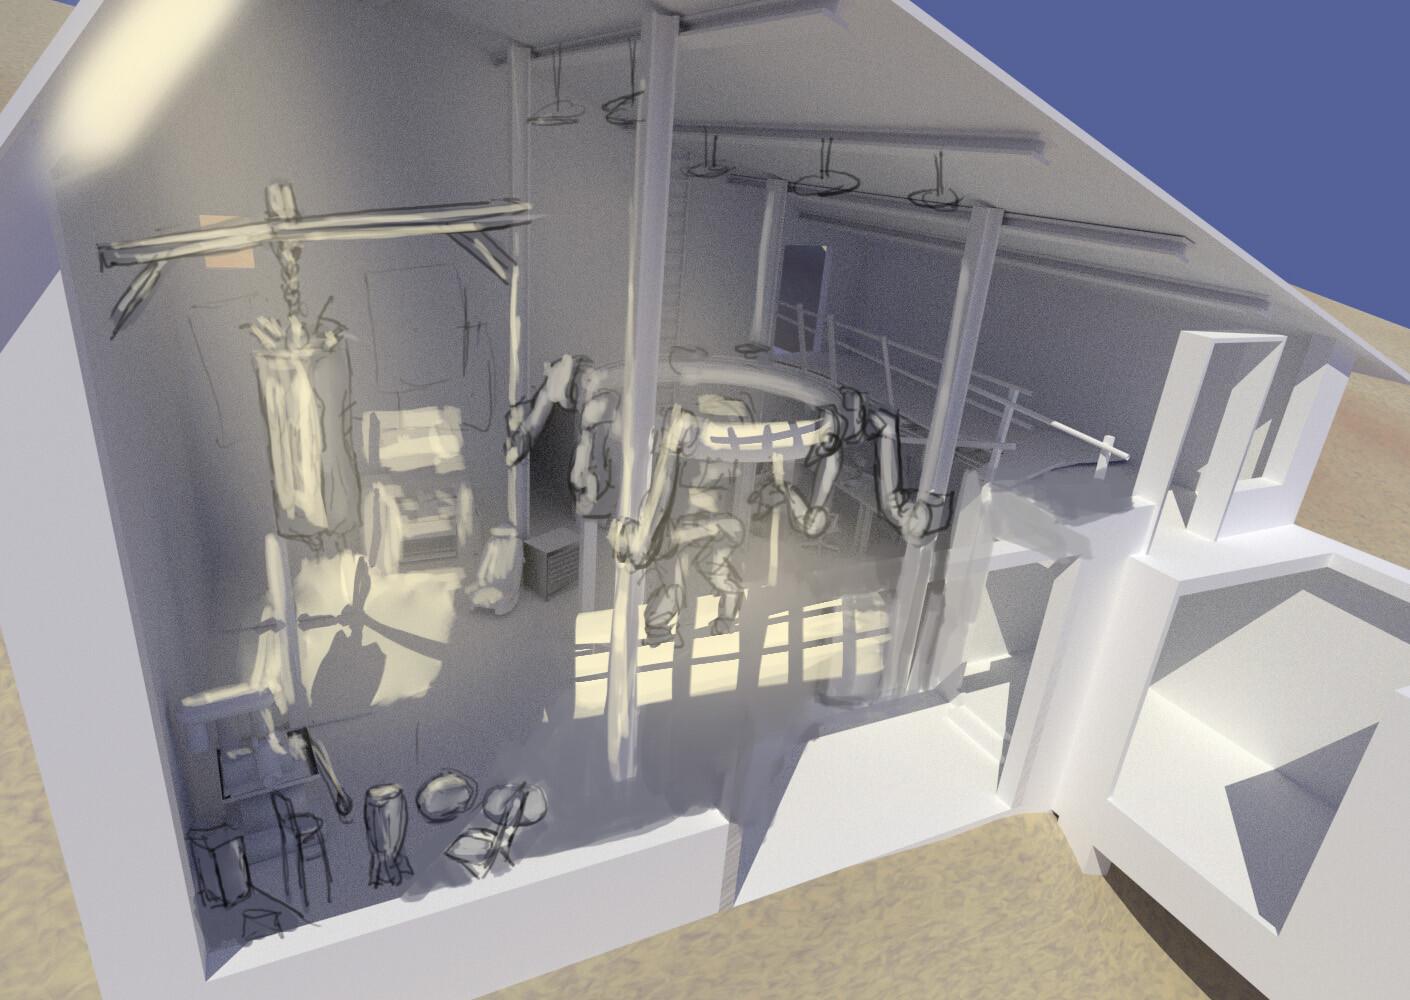 Francis goeltner herokidshome workshop34 sketch01 setdressing02